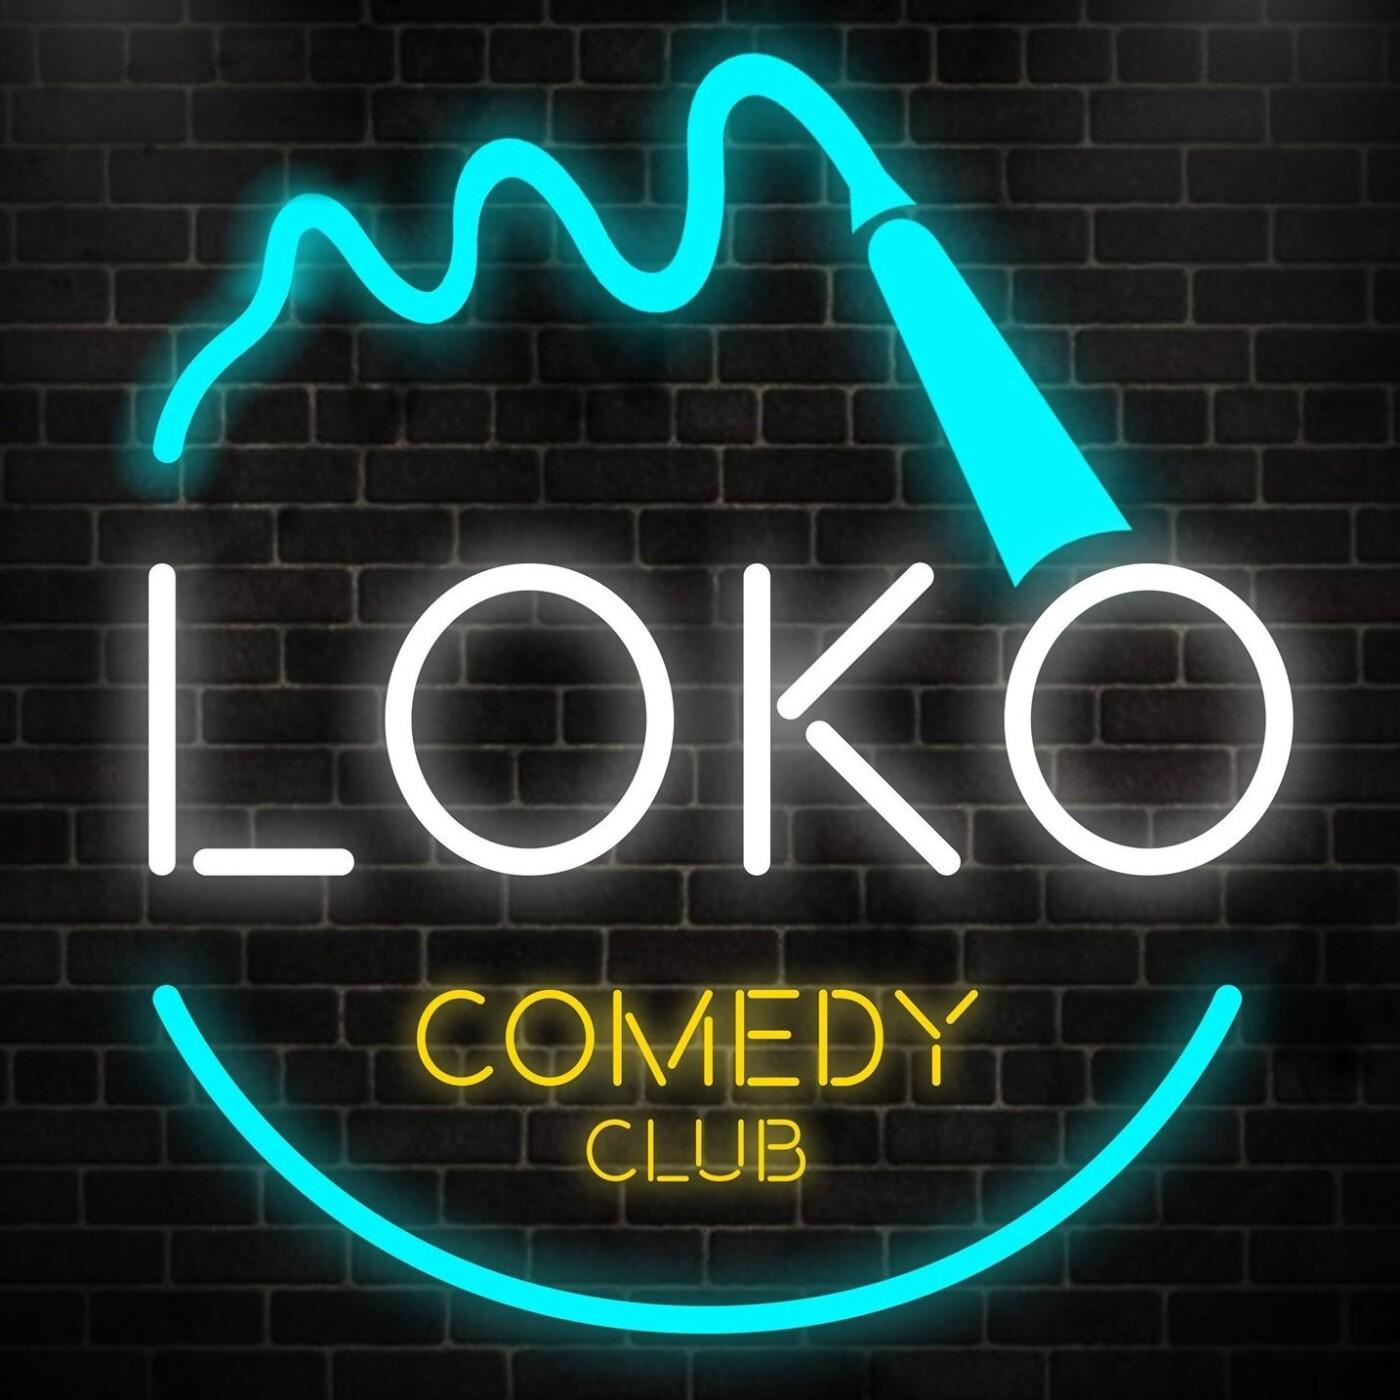 Habib nous présente Loko Comedy Club, une scène ouverte au Stand Up à Lille - 30 09 2021 - StereoChic Radio